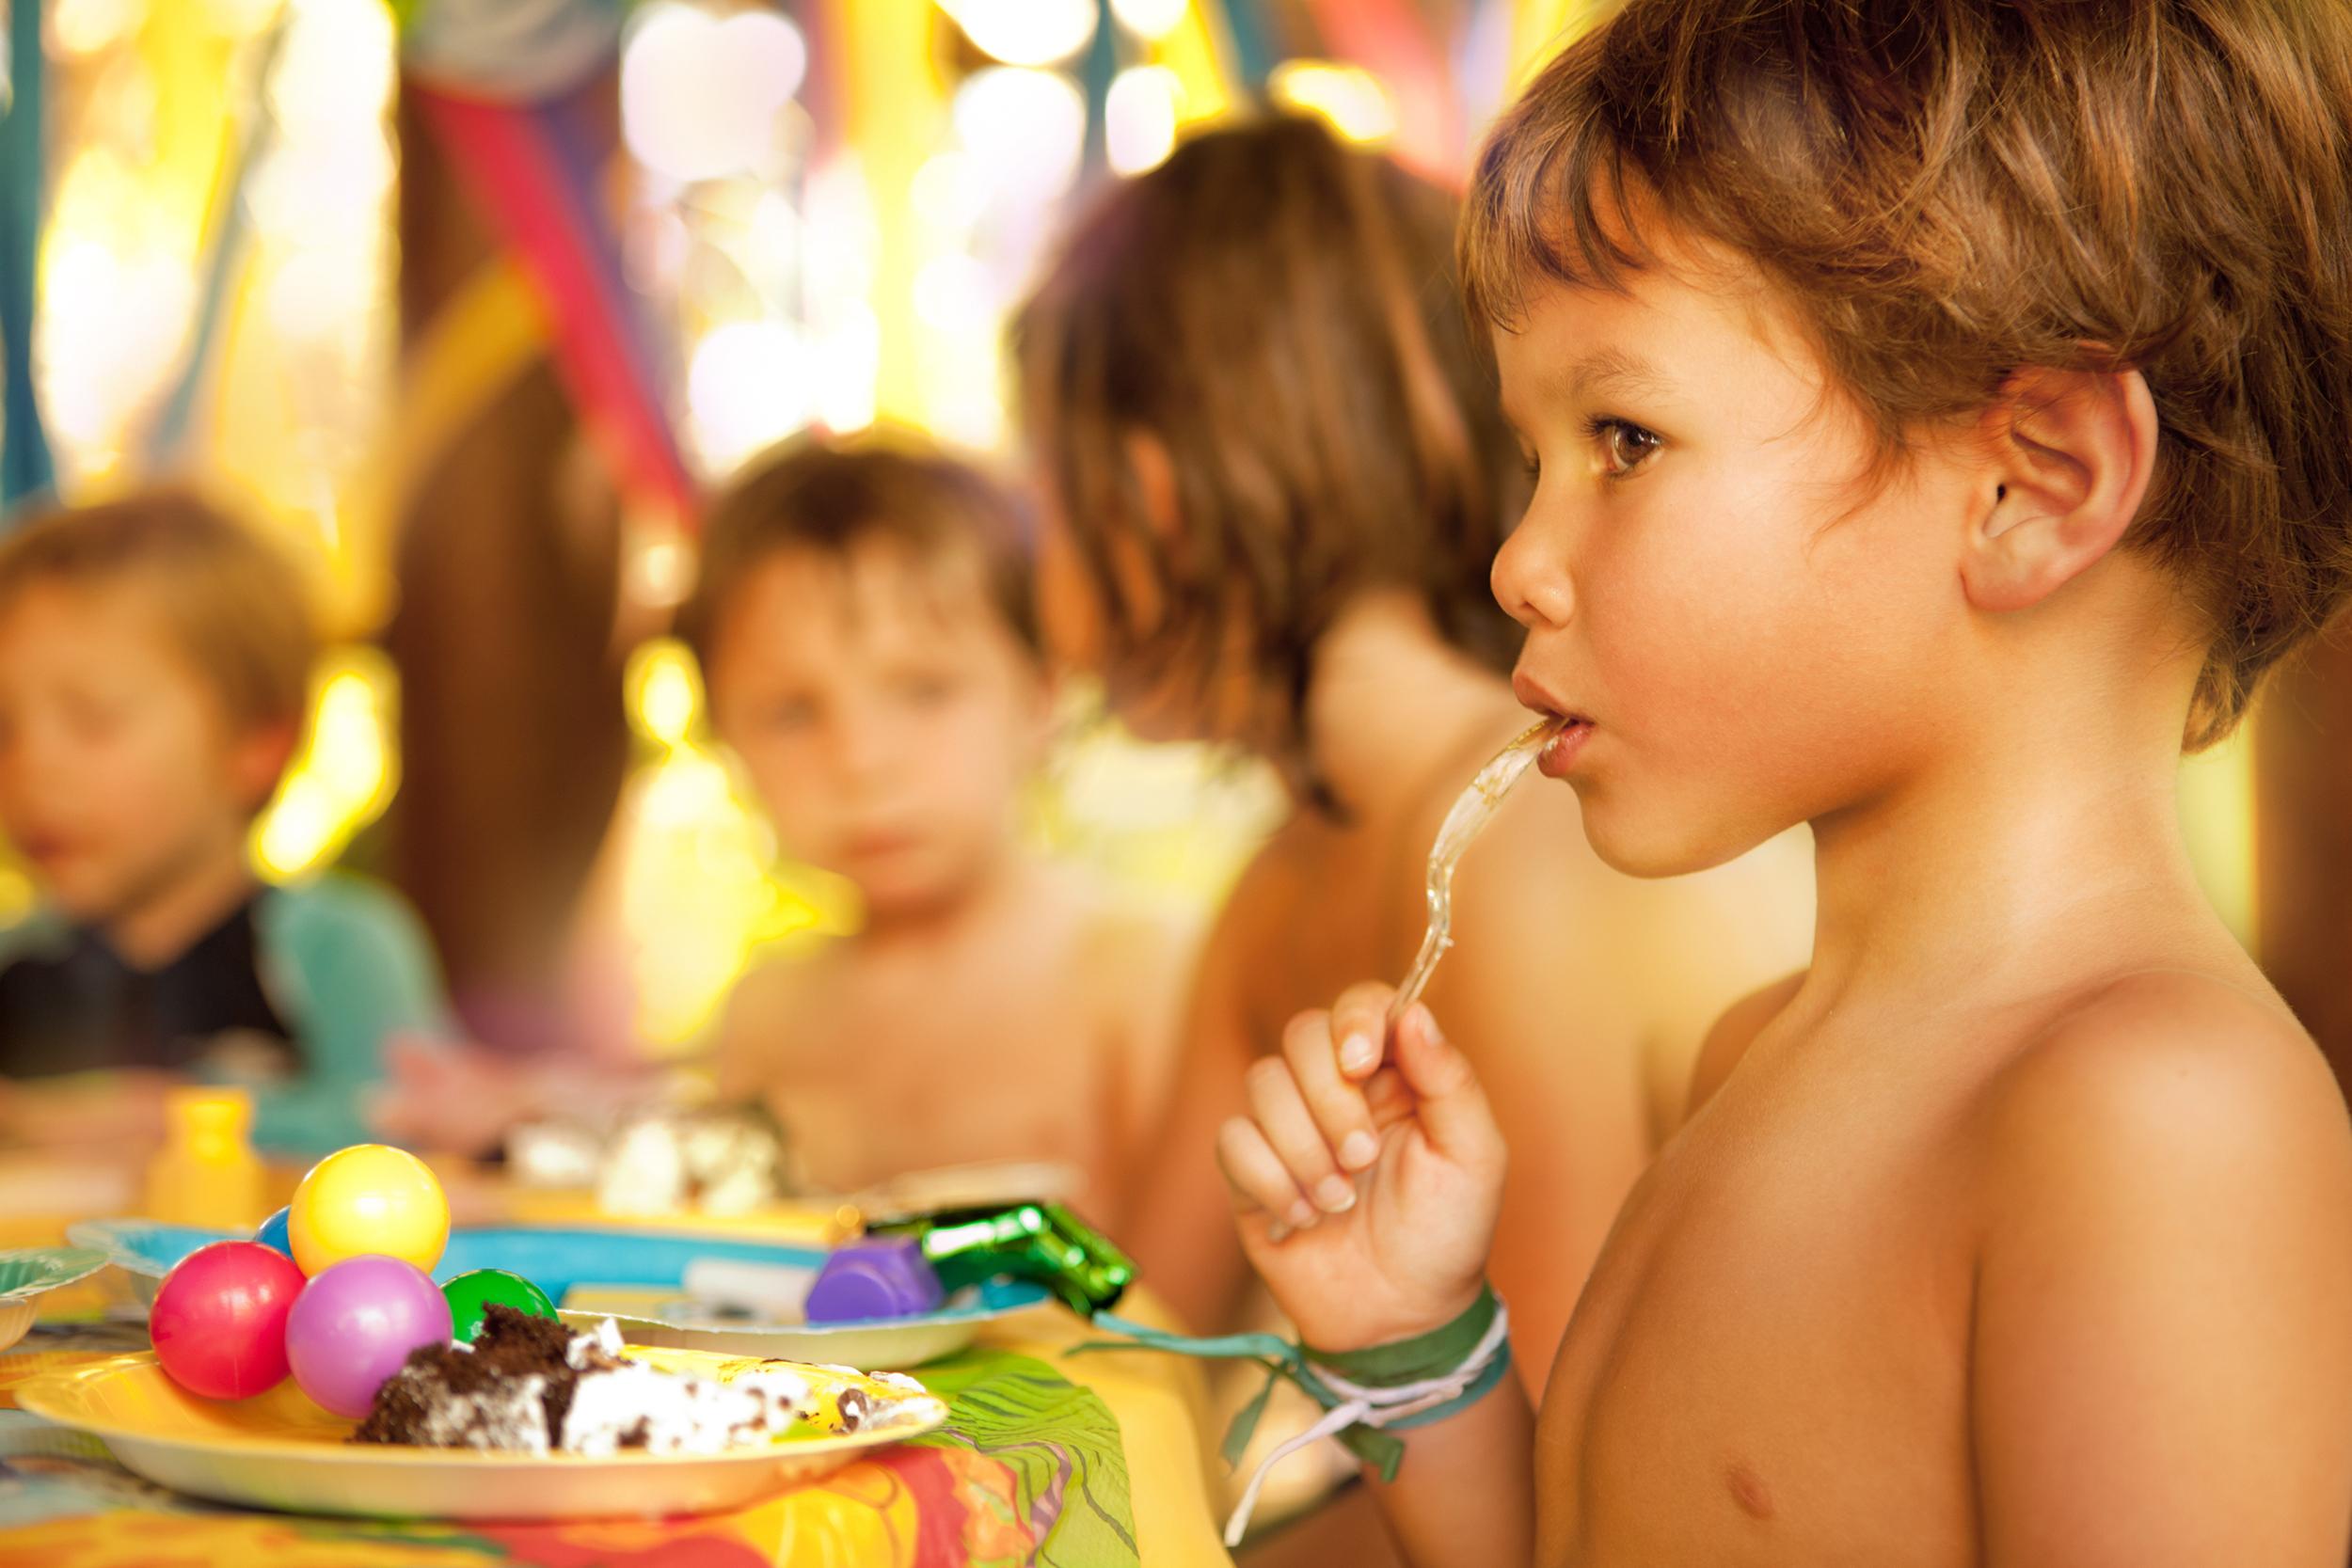 Kids_indioeating bdaycakeflt copy.jpg